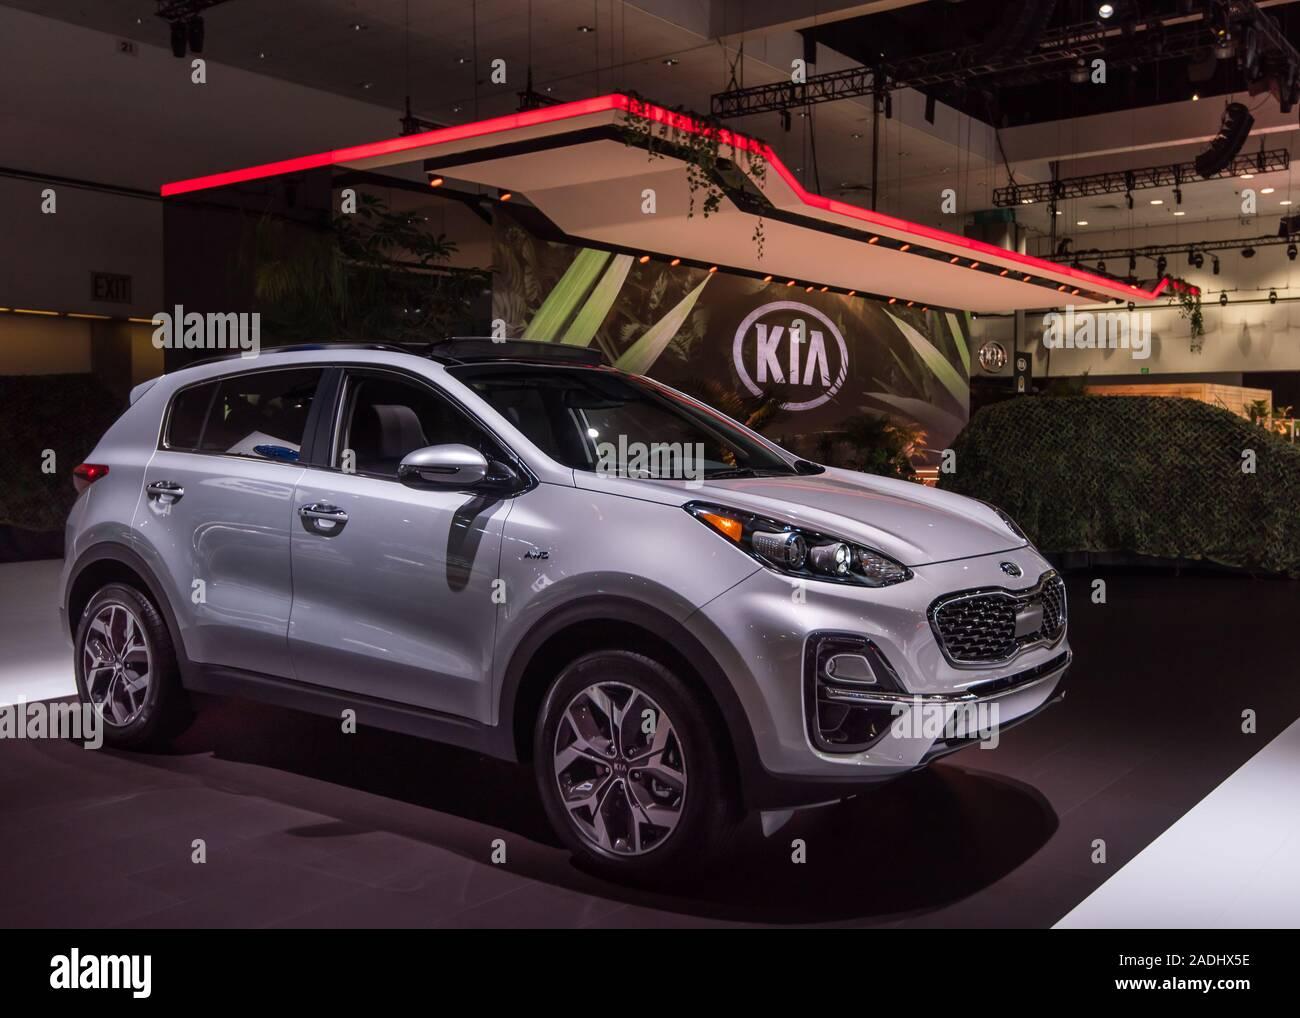 Kia Los Angeles >> Los Angeles Ca Usa November 20 2019 A Kia Sportage Suv